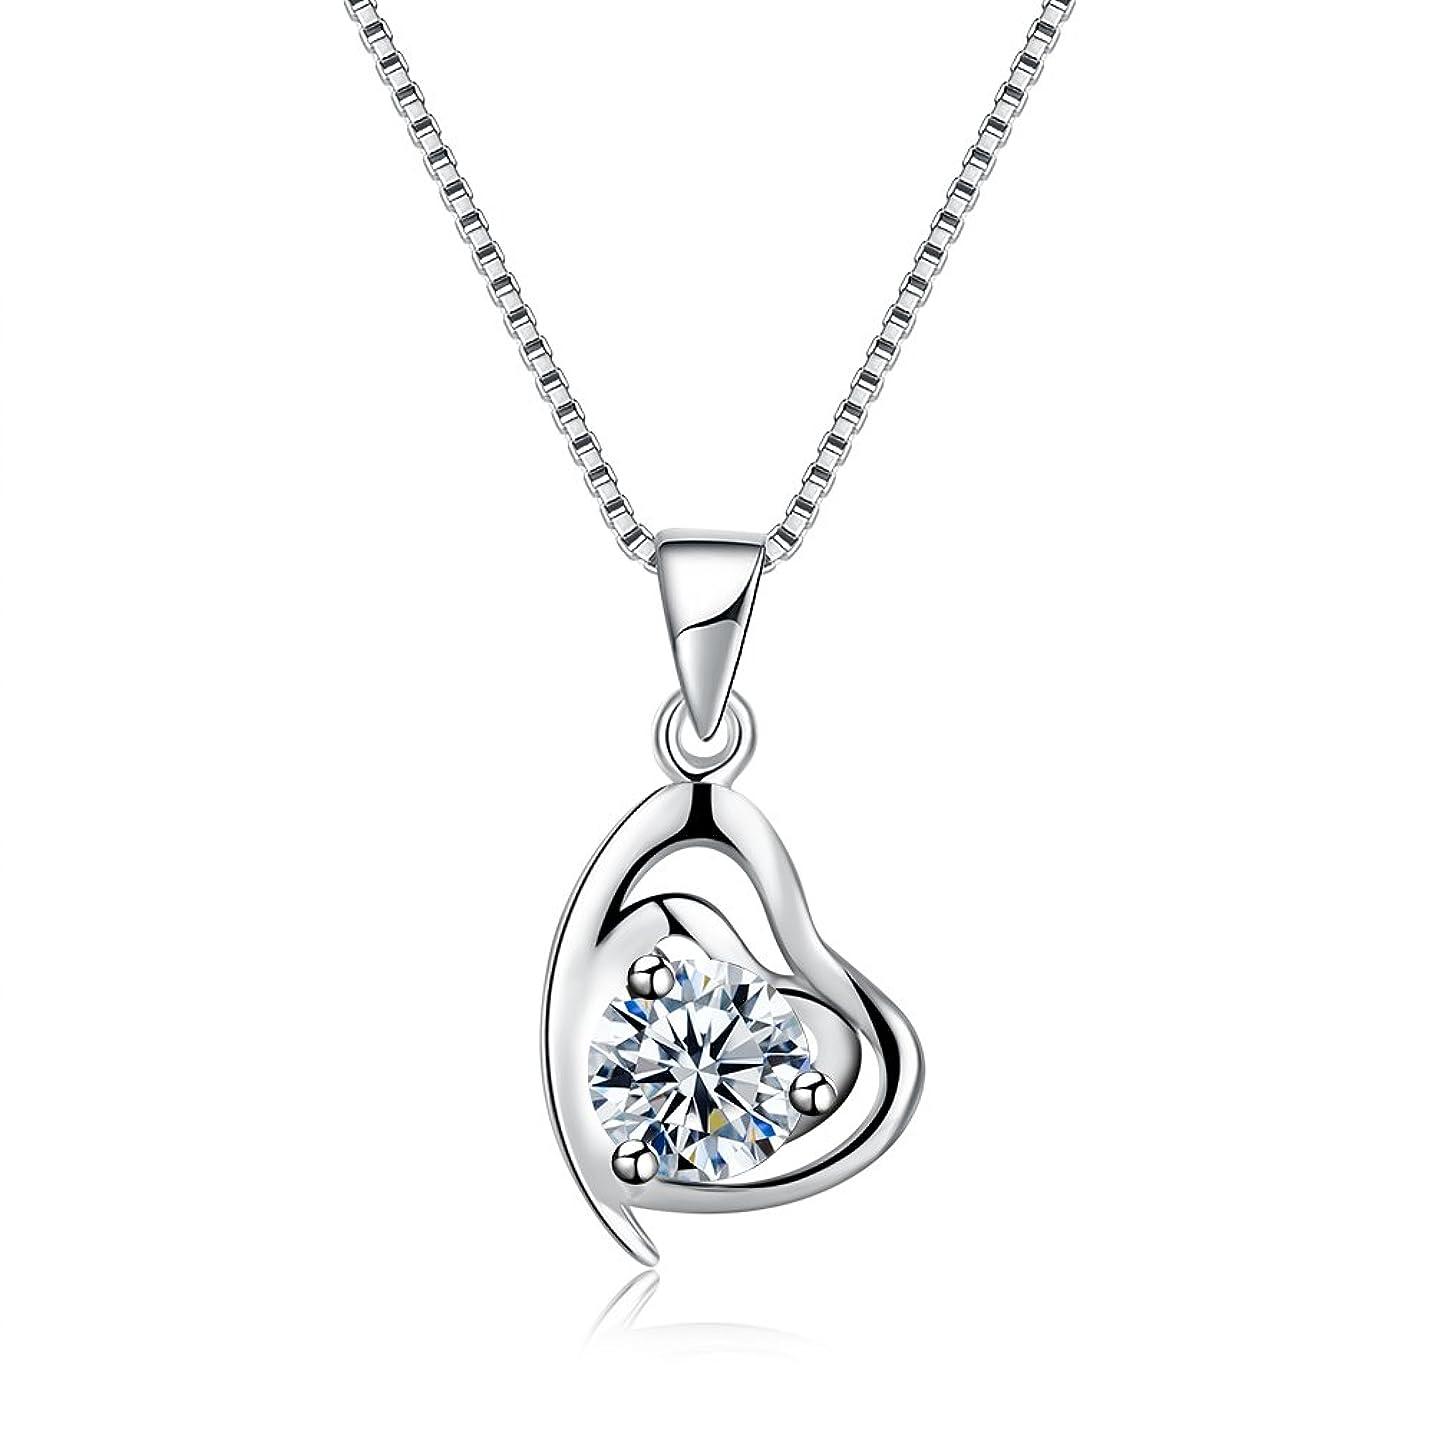 タバコ好む階層ロマンチックで上品なハートのネックレス ファッションきらきら光っているジルコンネックレス 花嫁のウエディングドレスアクセサリー 誕生日プレゼント